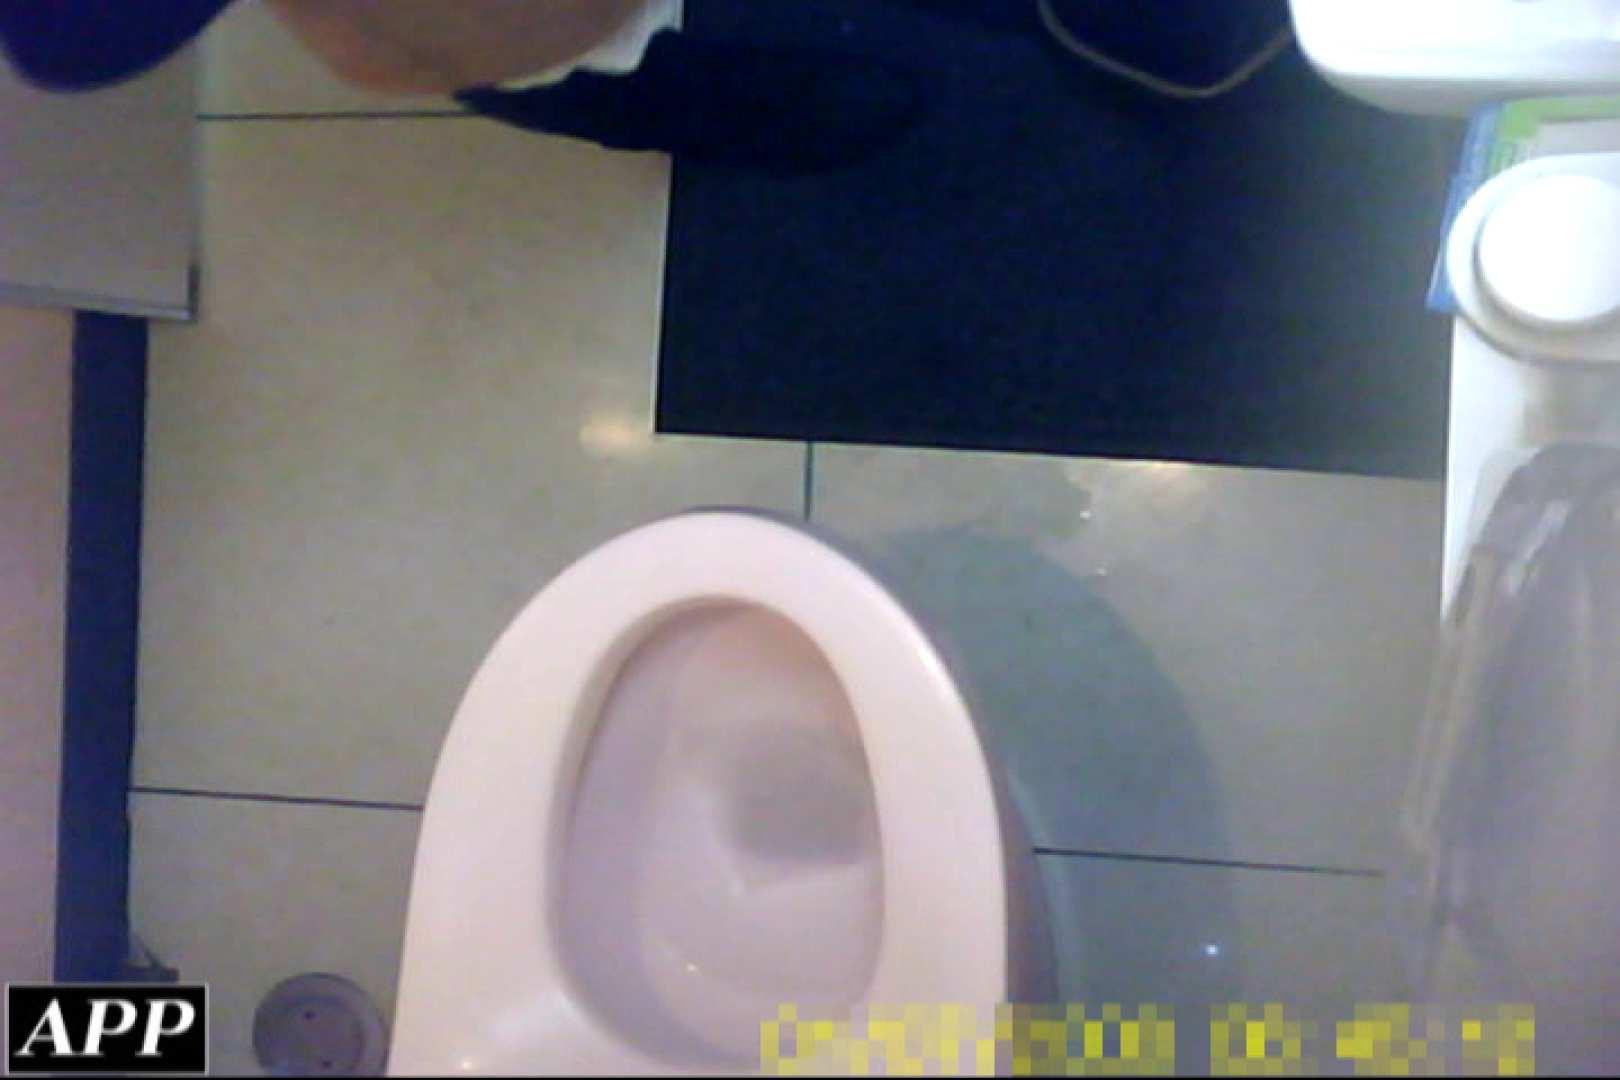 3視点洗面所 vol.78 ガールの盗撮 | 肛門から・・  33枚